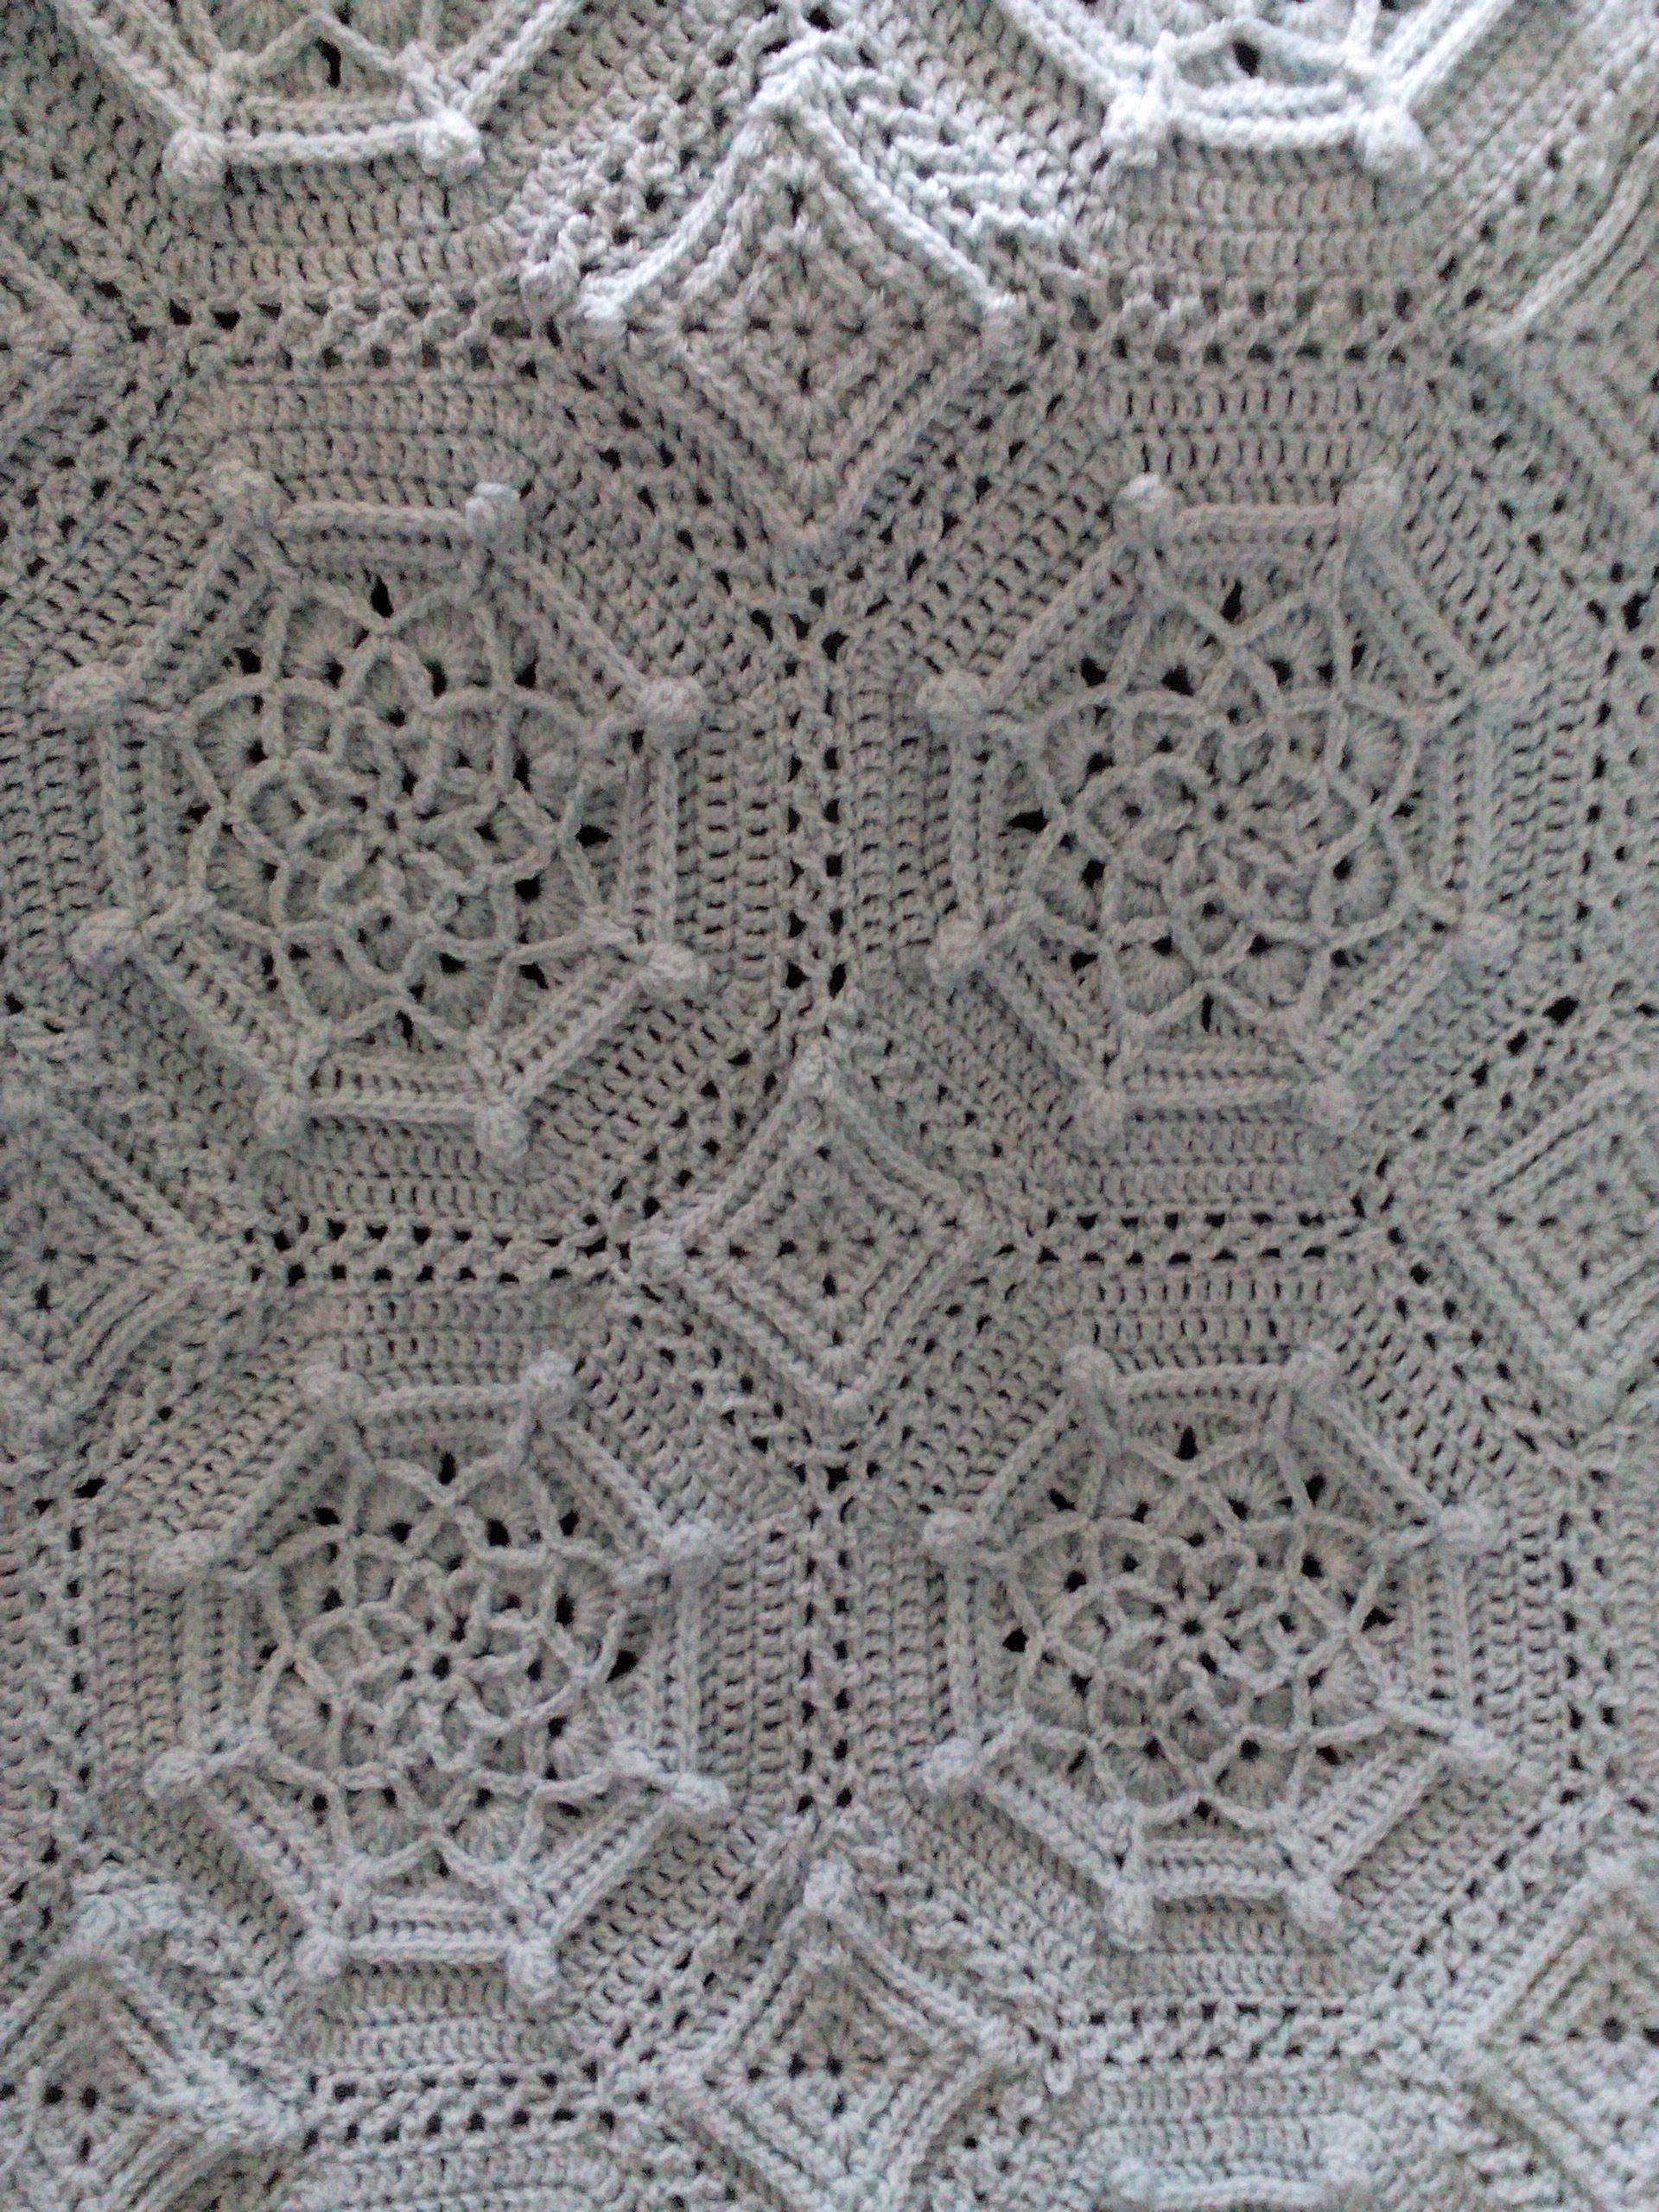 Pin de Victoria Eden en Bebe | Pinterest | Colchas, Puntos crochet y ...